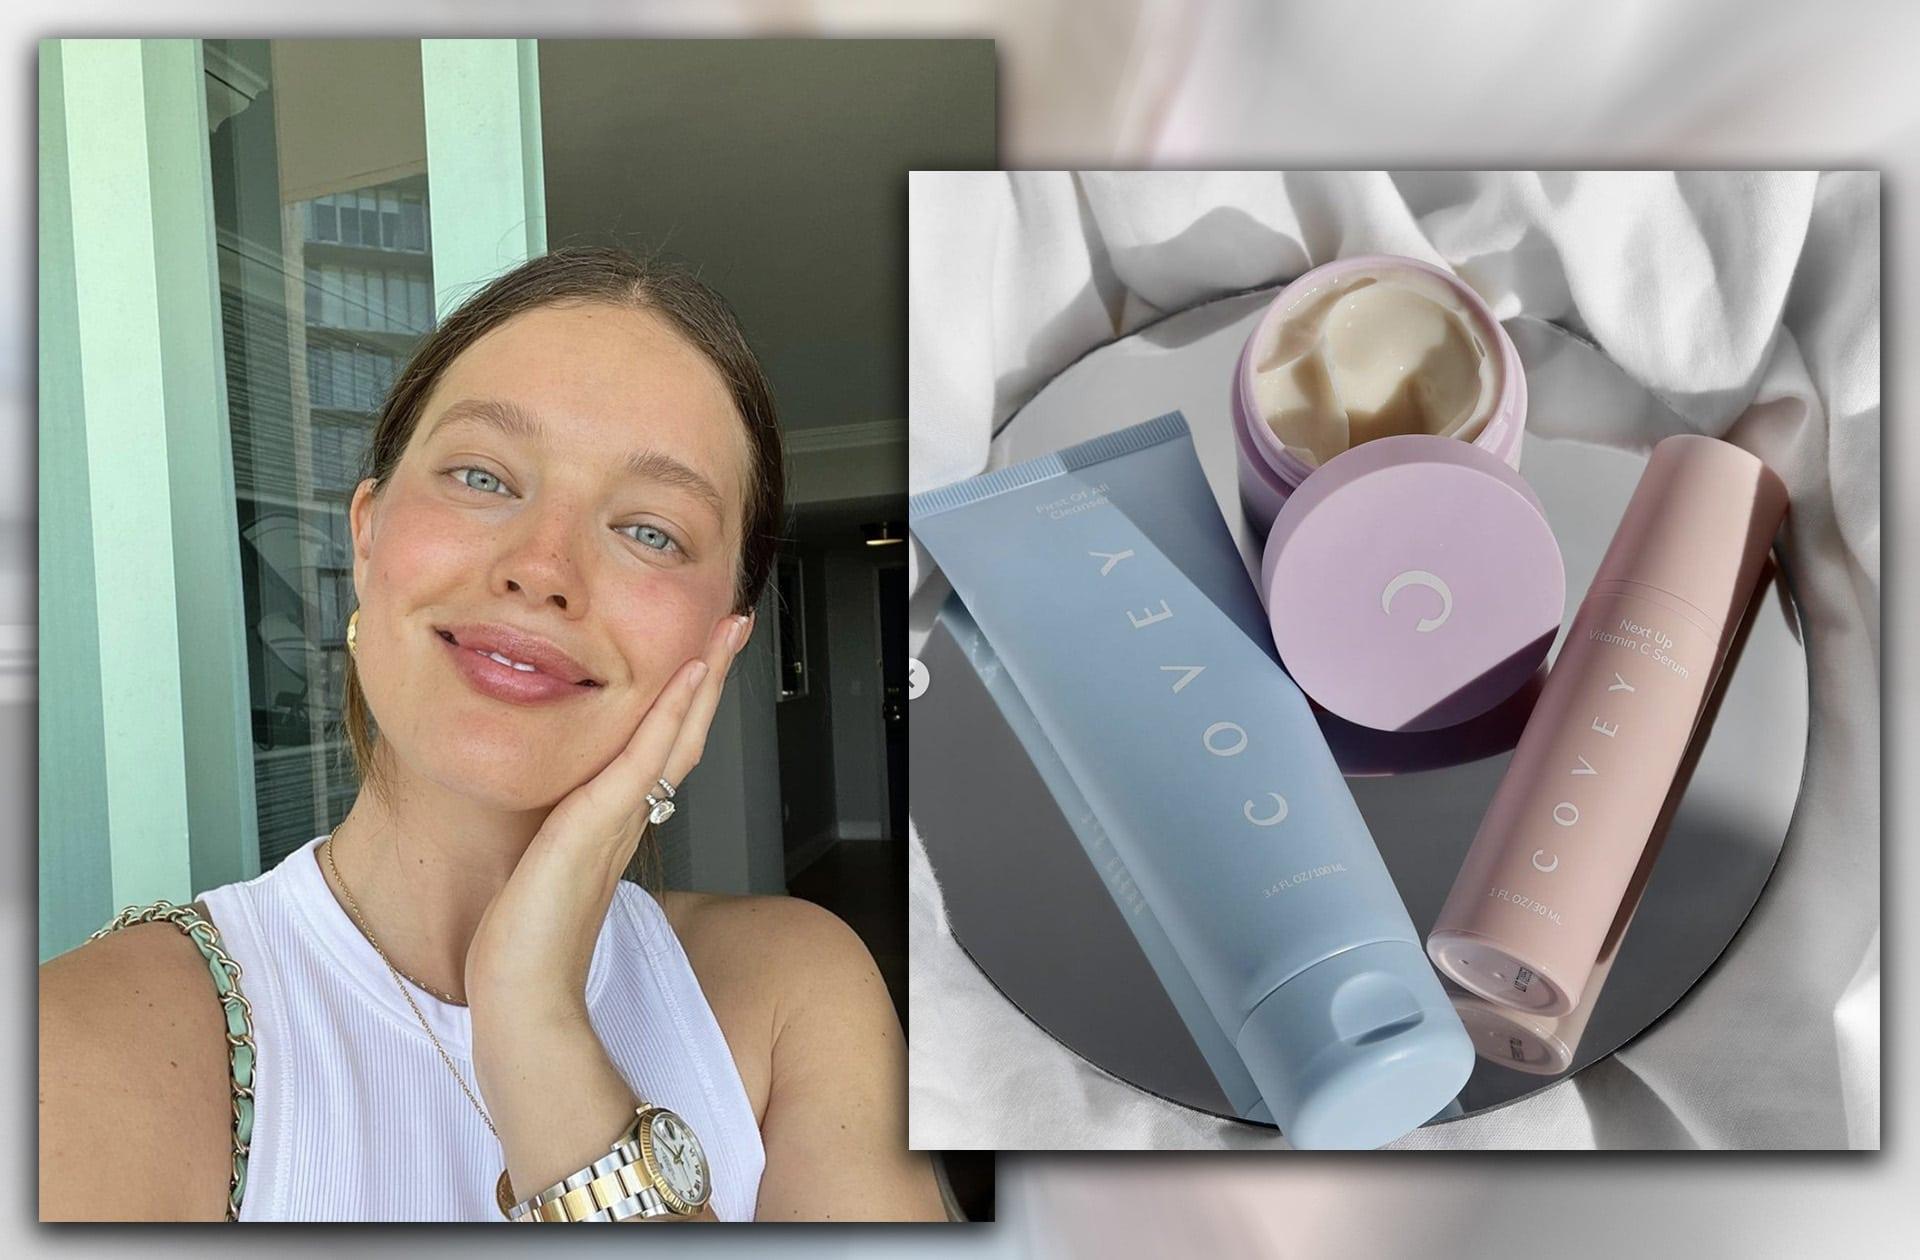 La marque de cosmétiques de la mannequin Emily DiDonato vient de sortir et elle semble prometteuse